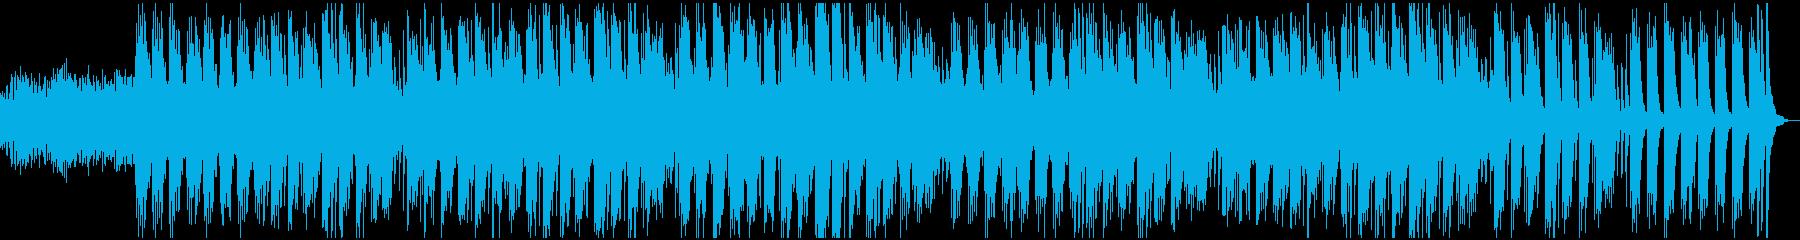 落ち着いた優しいピアノサウンドの再生済みの波形